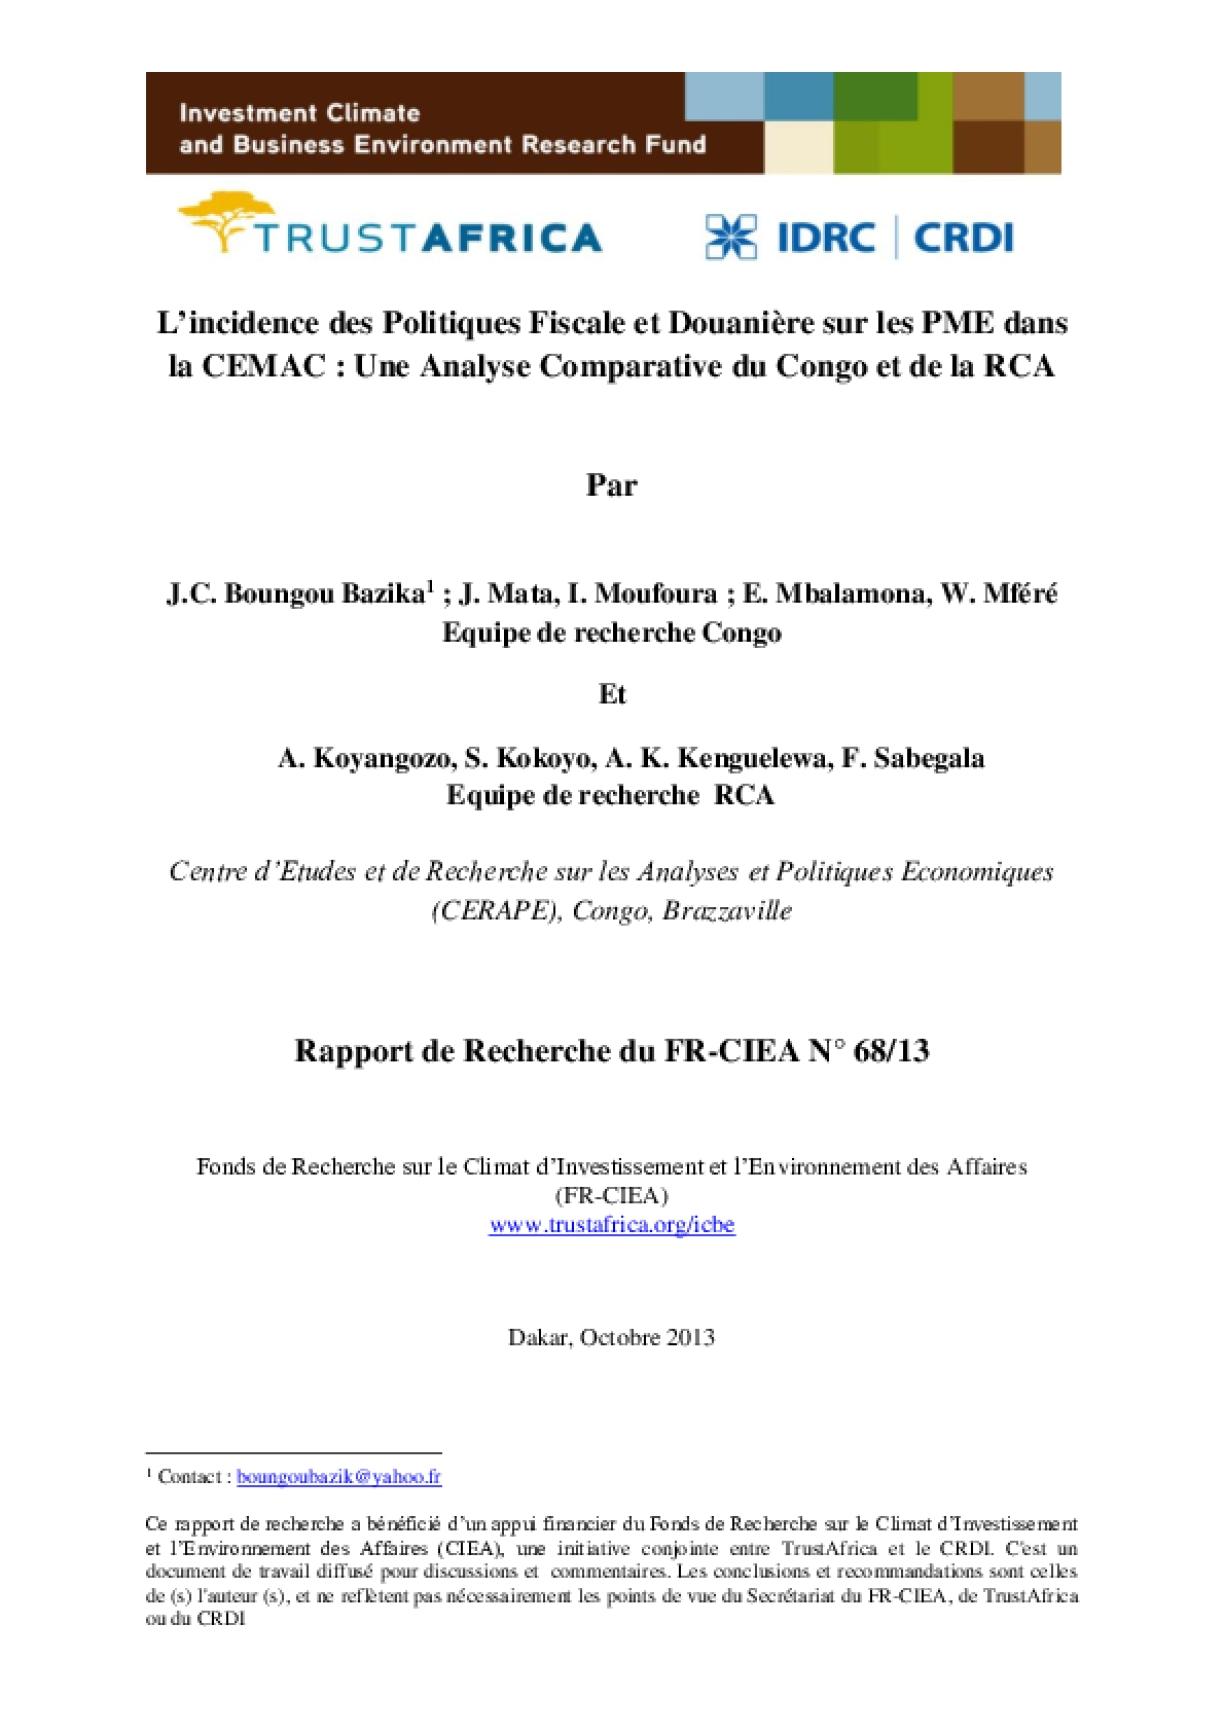 L'incidence des Politiques Fiscale et Douanière sur les PME dans la CEMAC : Une Analyse Comparative du Congo et de la RCA